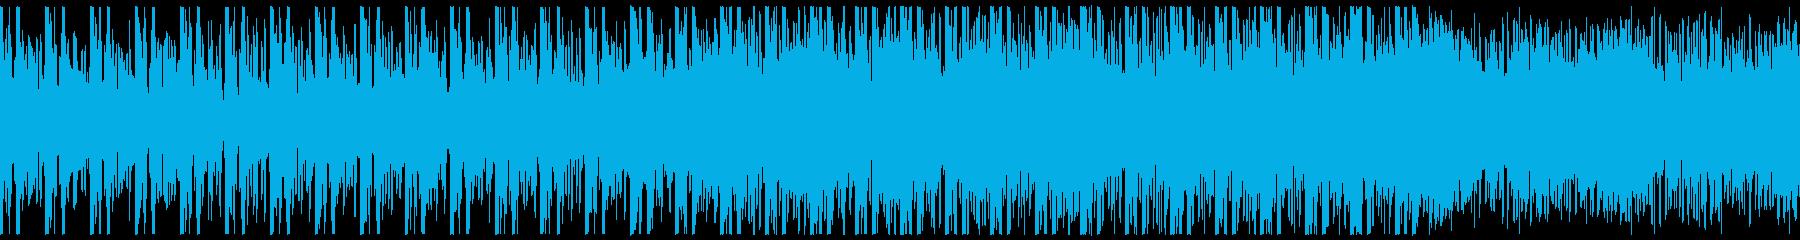 推理/ミステリー向けのアンビエント曲の再生済みの波形